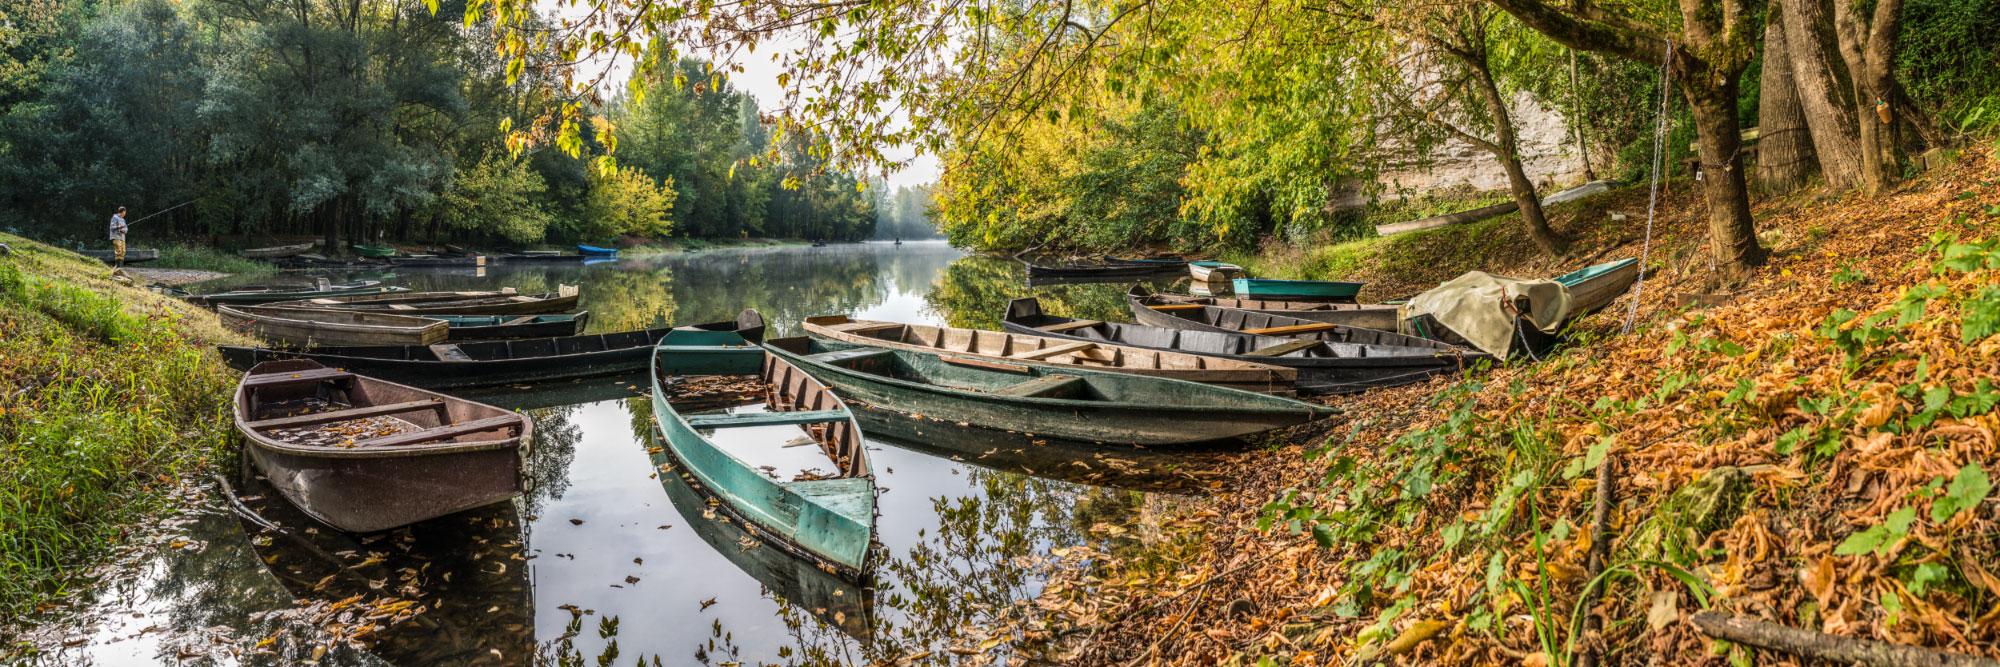 Bras mort de la Dordogne à Aillac